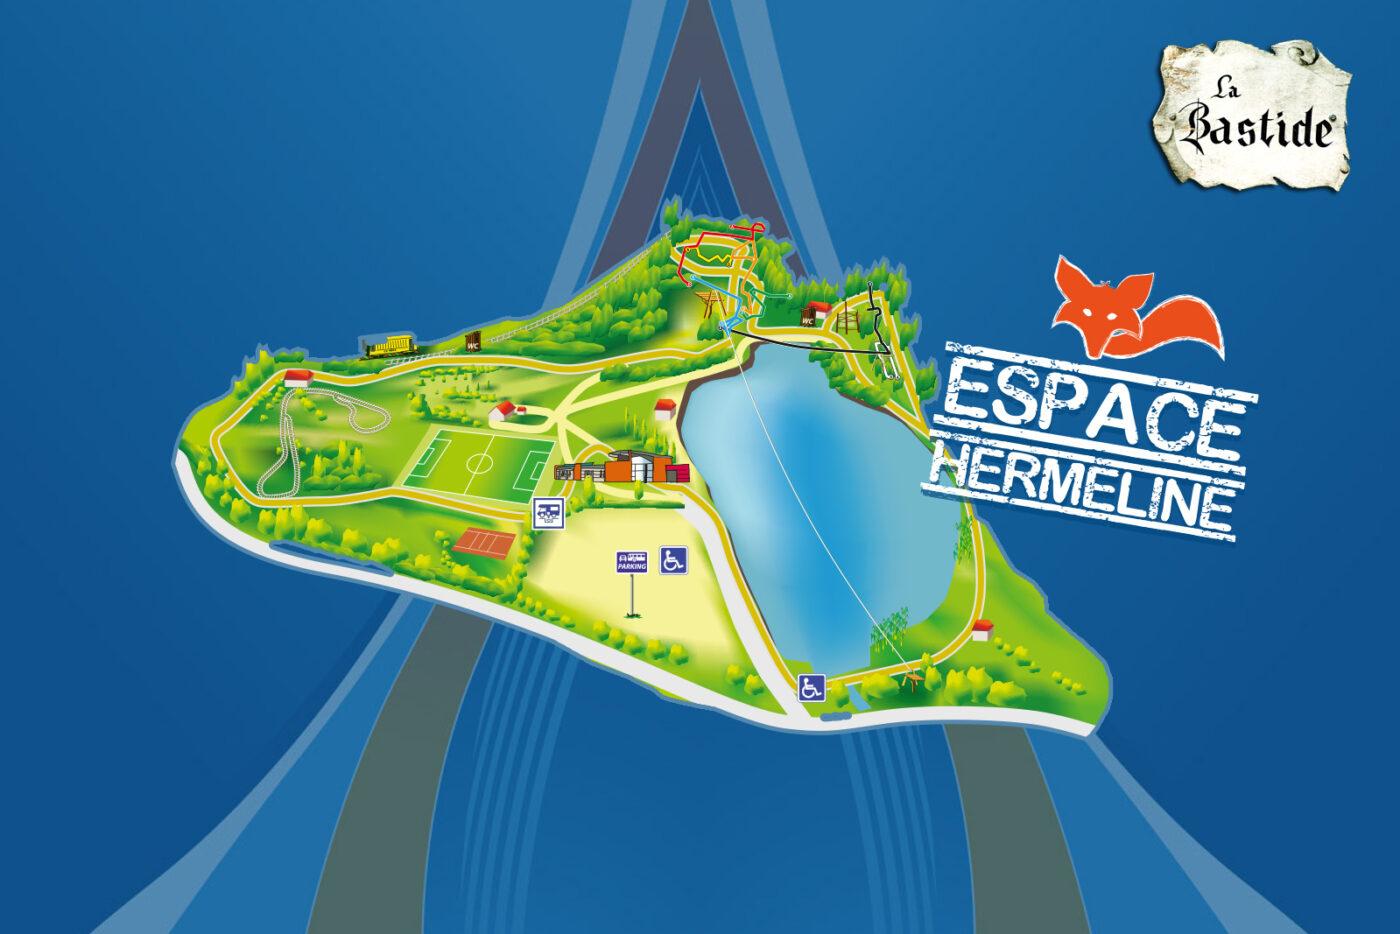 Espace Hermeline een recreatie- en avonturenpark!